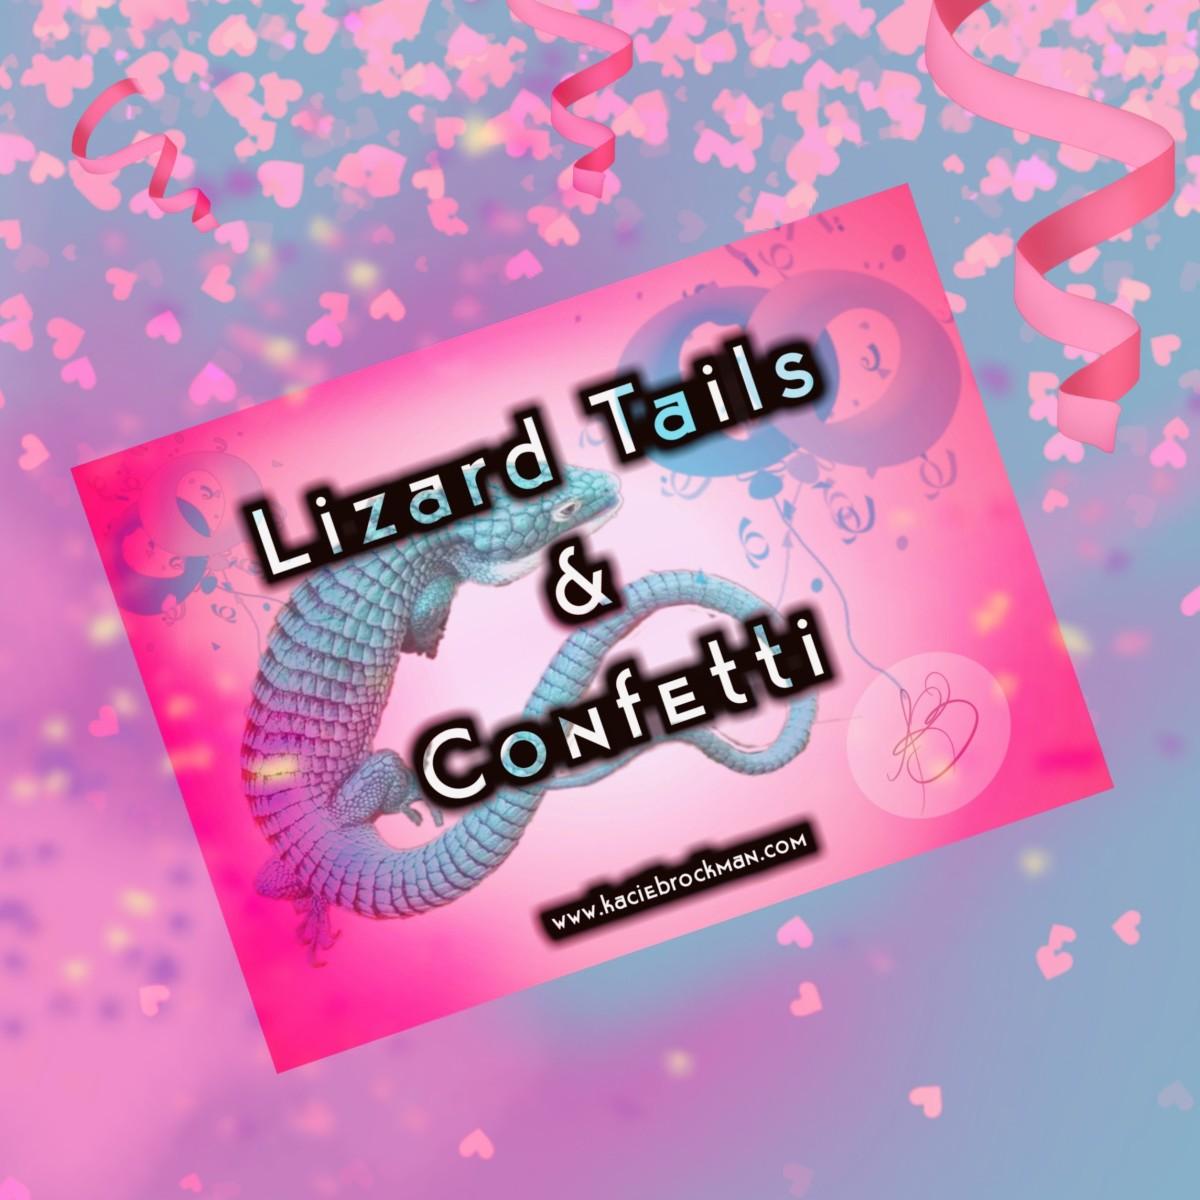 Lizard Tails &Confetti